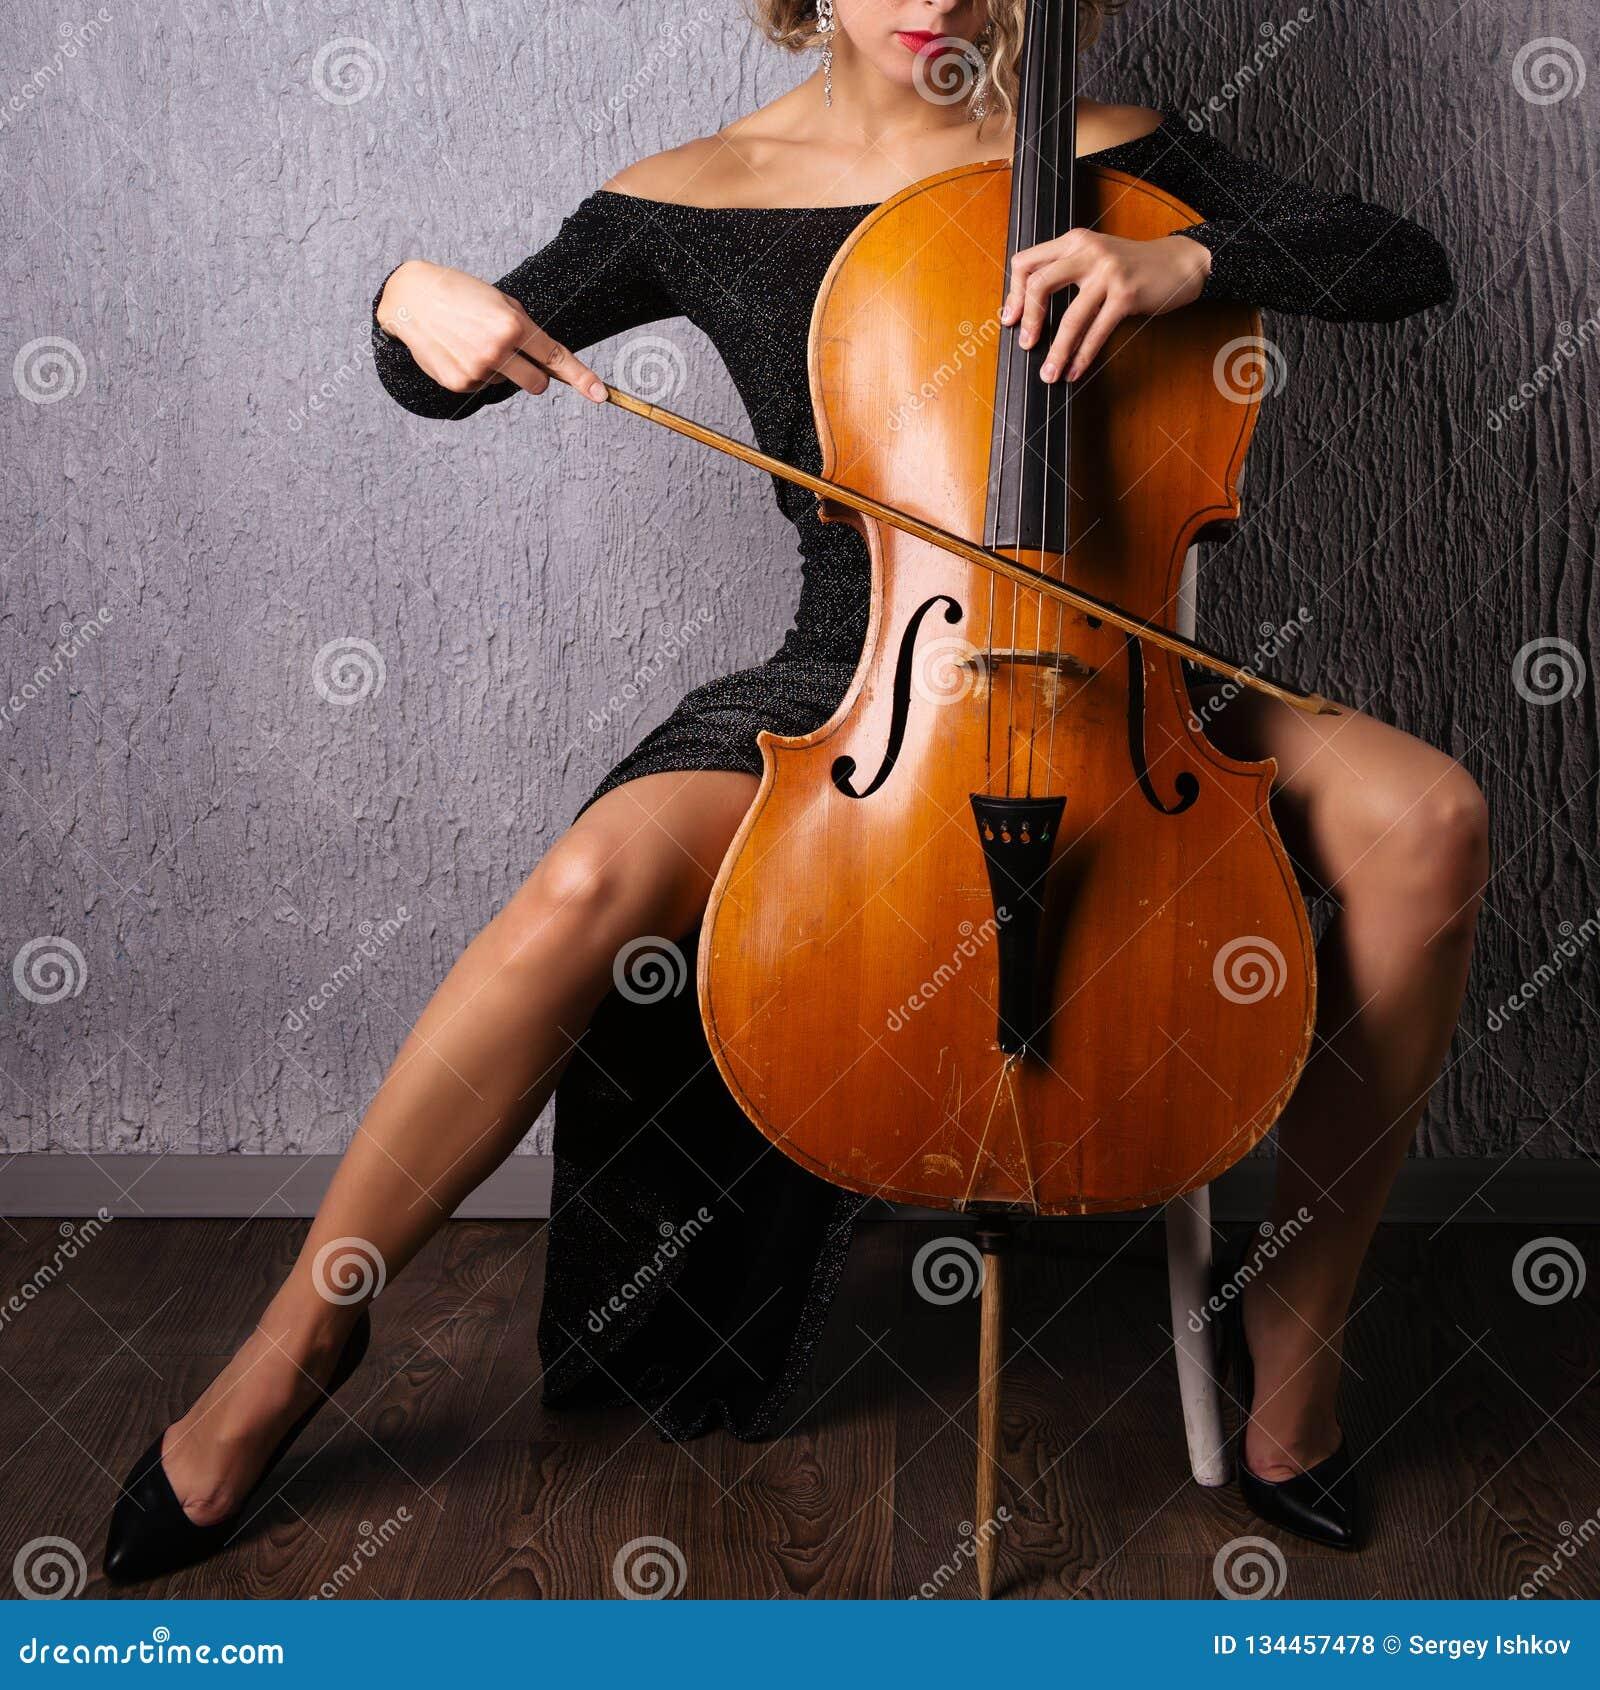 Ασιατική γυναίκα σε ένα φόρεμα βραδιού που παίζει το βιολοντσέλο